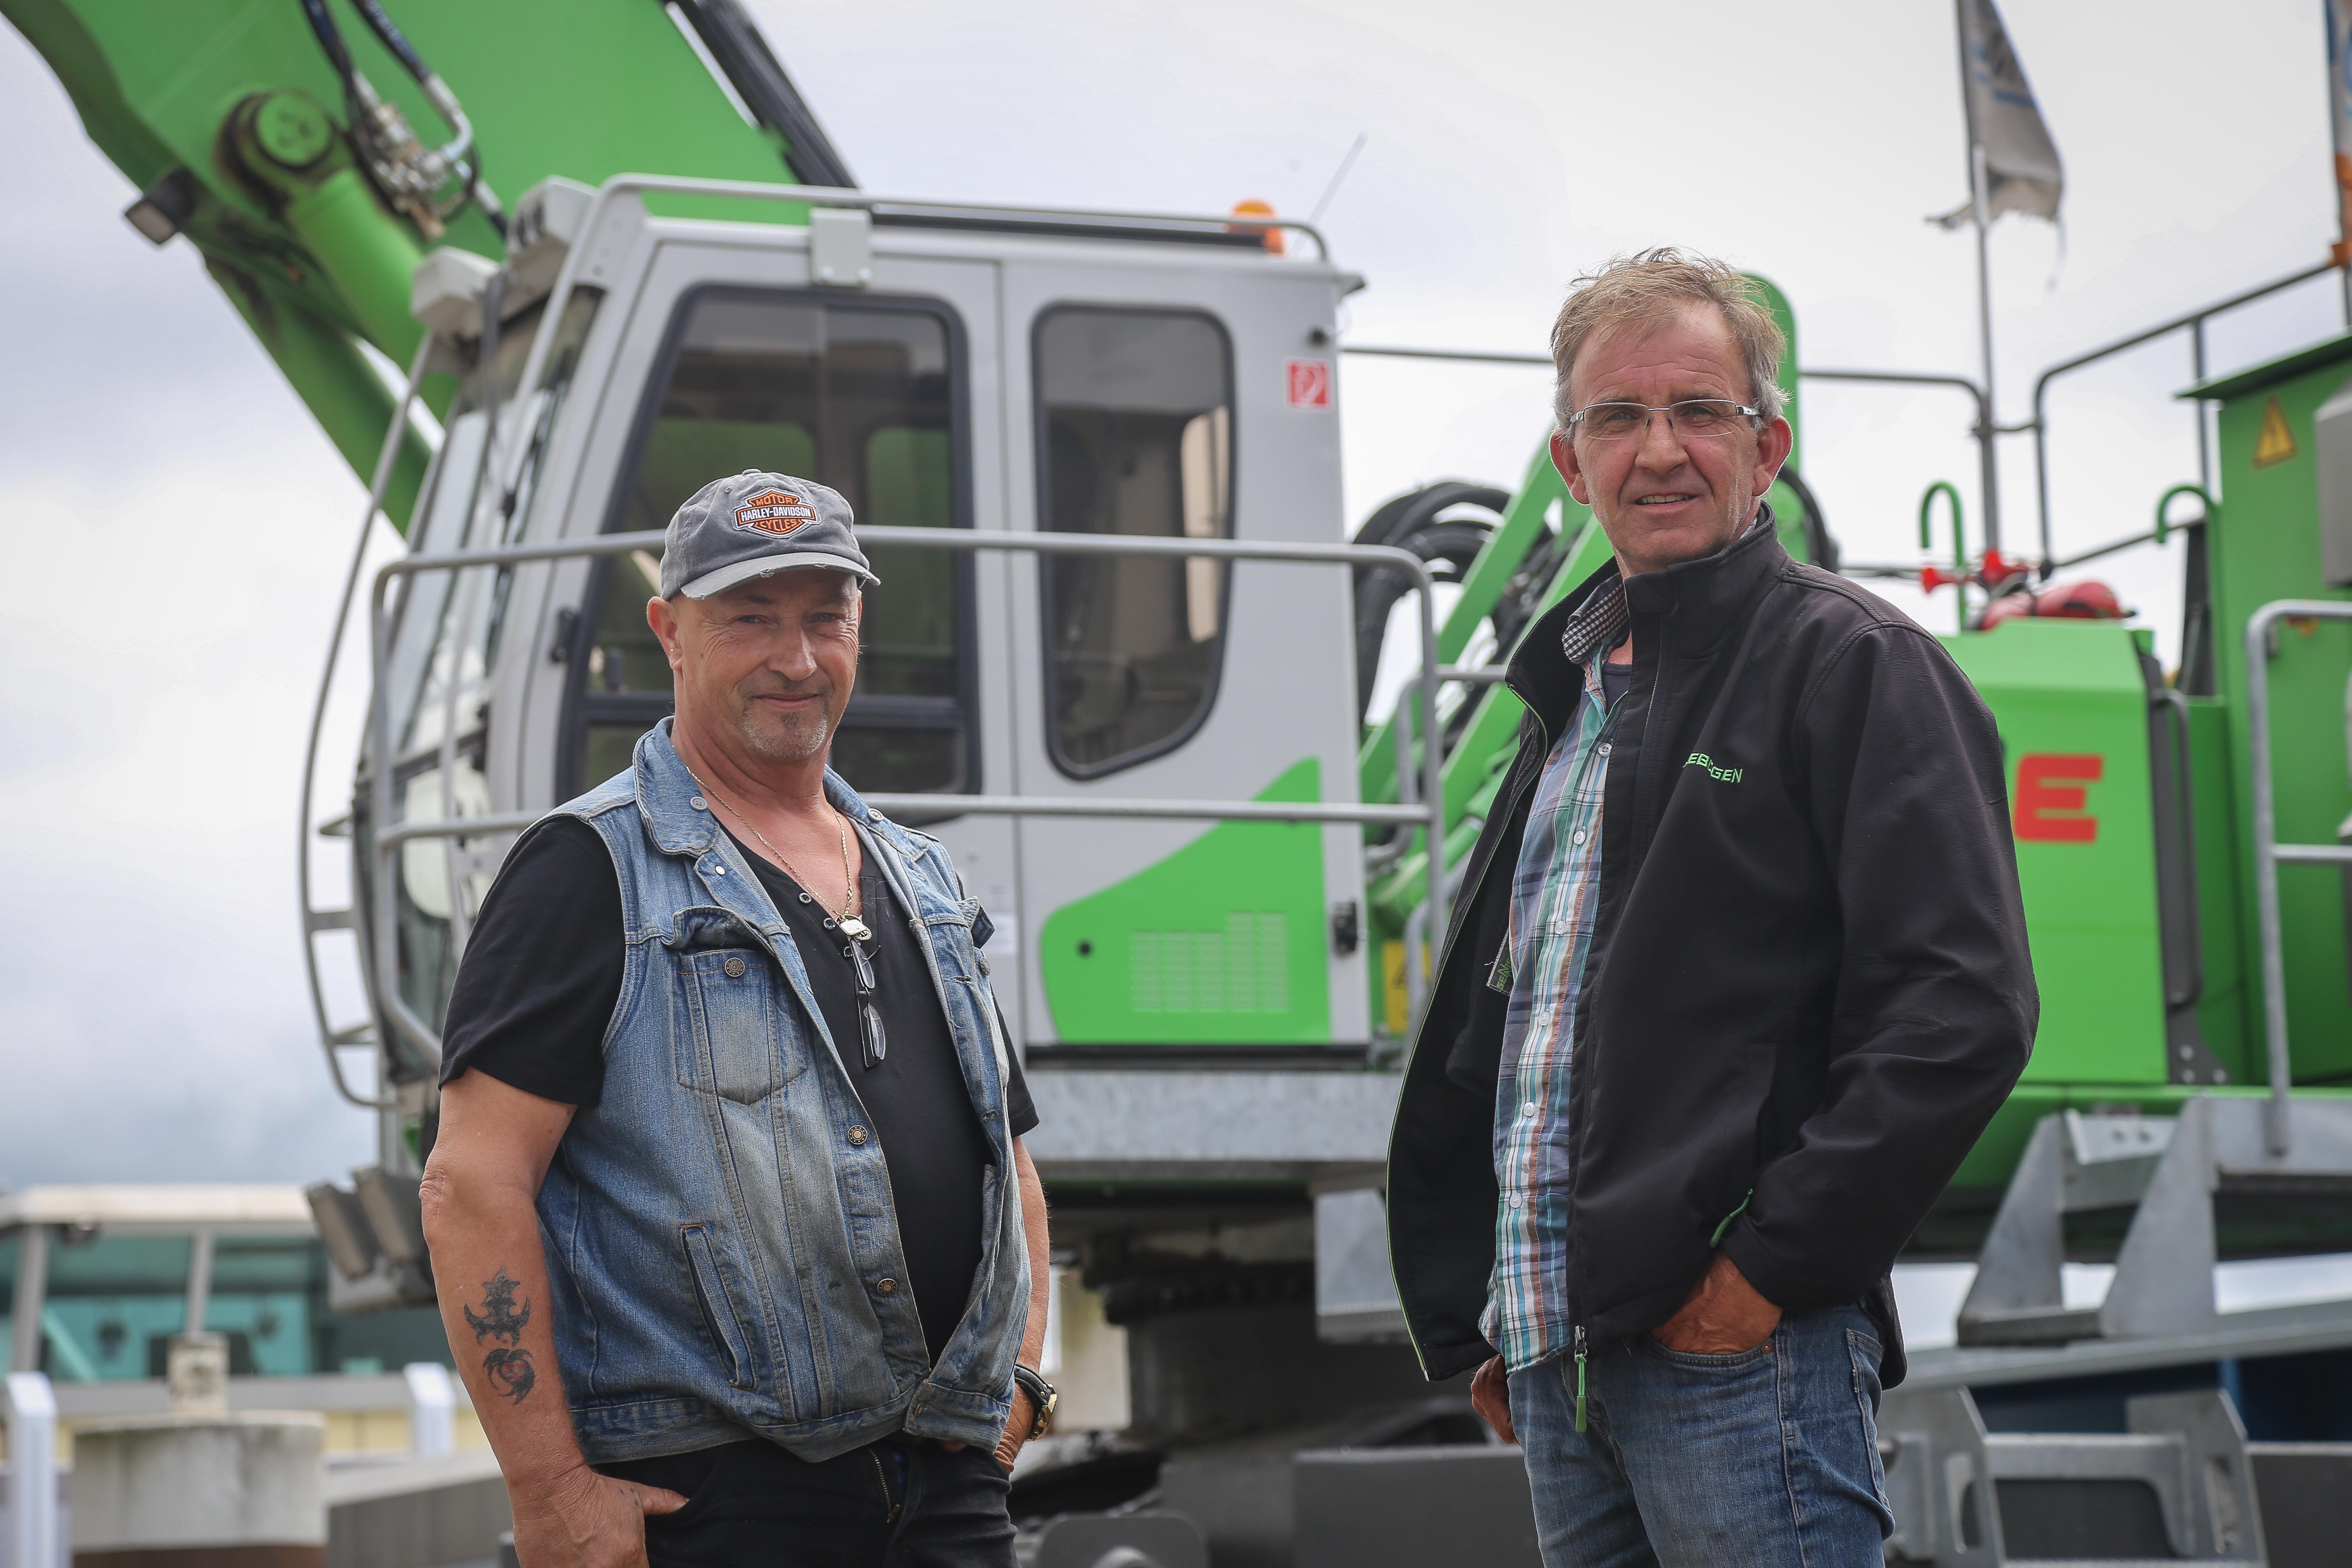 <p>RinusFrieswijken Jaap van Soest bij&#8216;hun&#8217;machine. Dankzij de ploegendienst vliegen de uren op de teller, die binnen twee jaar de 10.000 passeerde.</p>